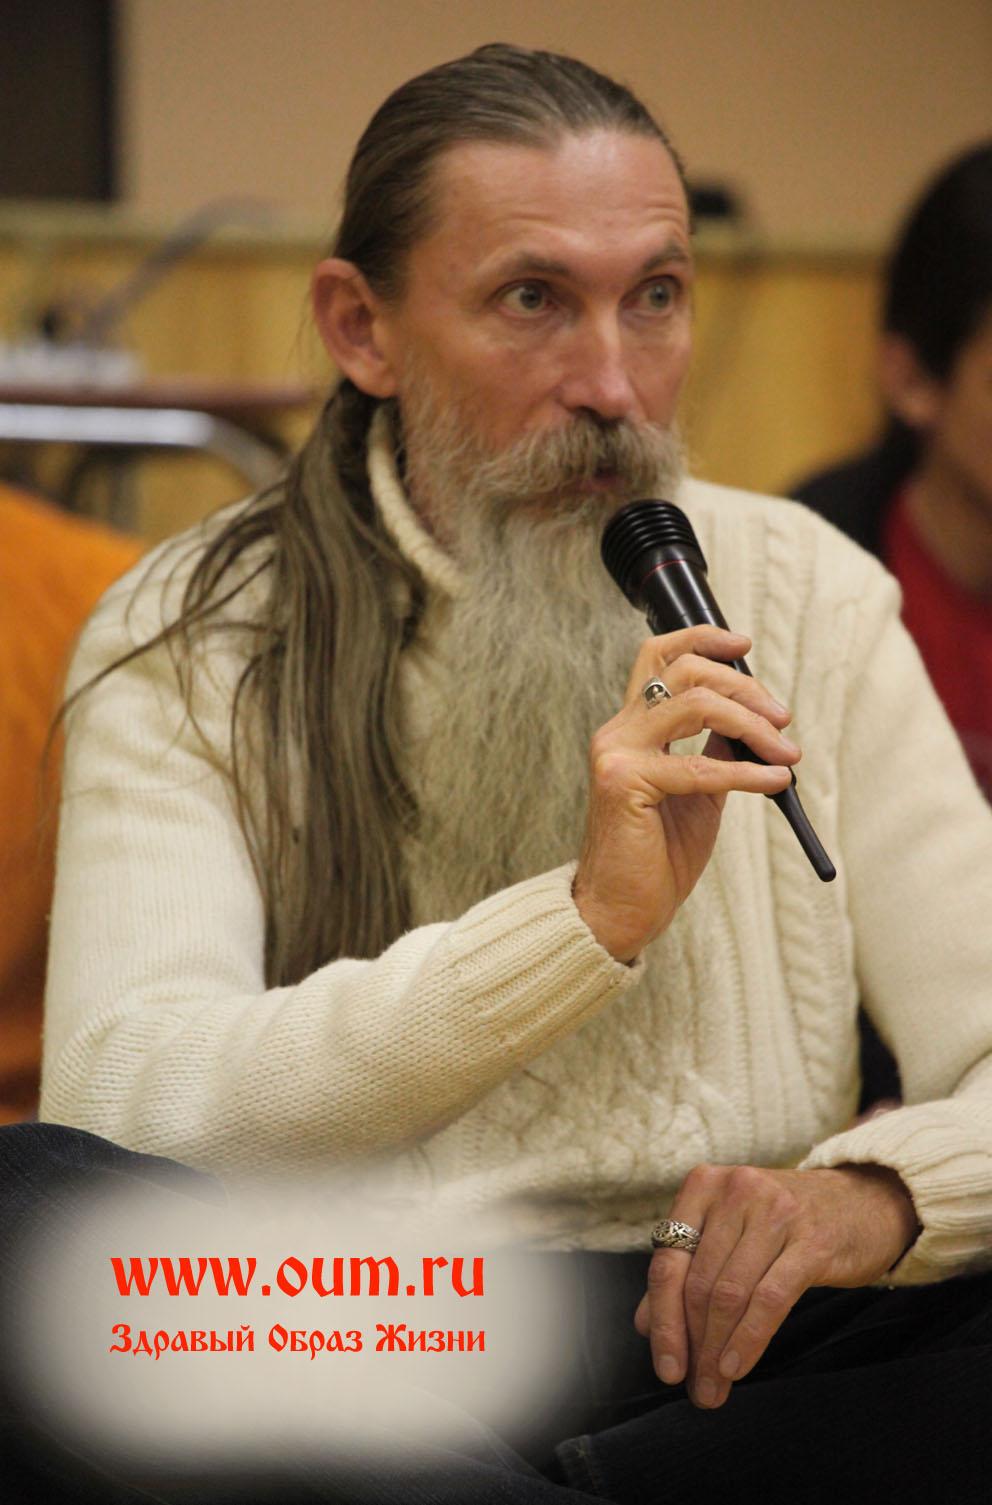 Встреча с А.В.Трехлебовым в Москве 07.02.11